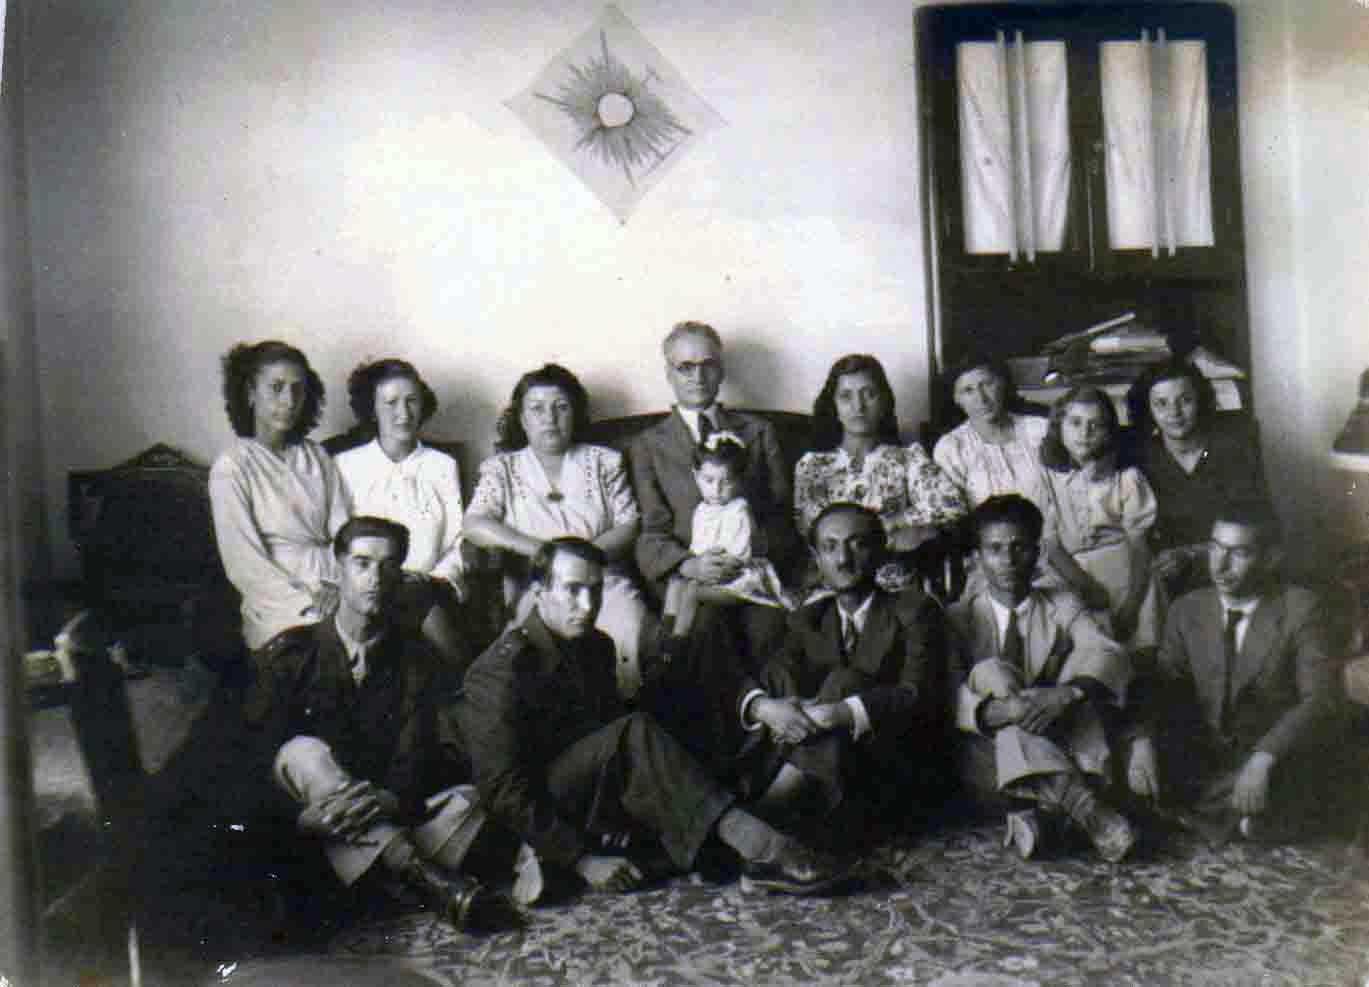 فرتور احمد کسروی را با برادران و سایر اعضای خانواده اش، در تبریز سال ۱۳۱۸ نشان می دهد.